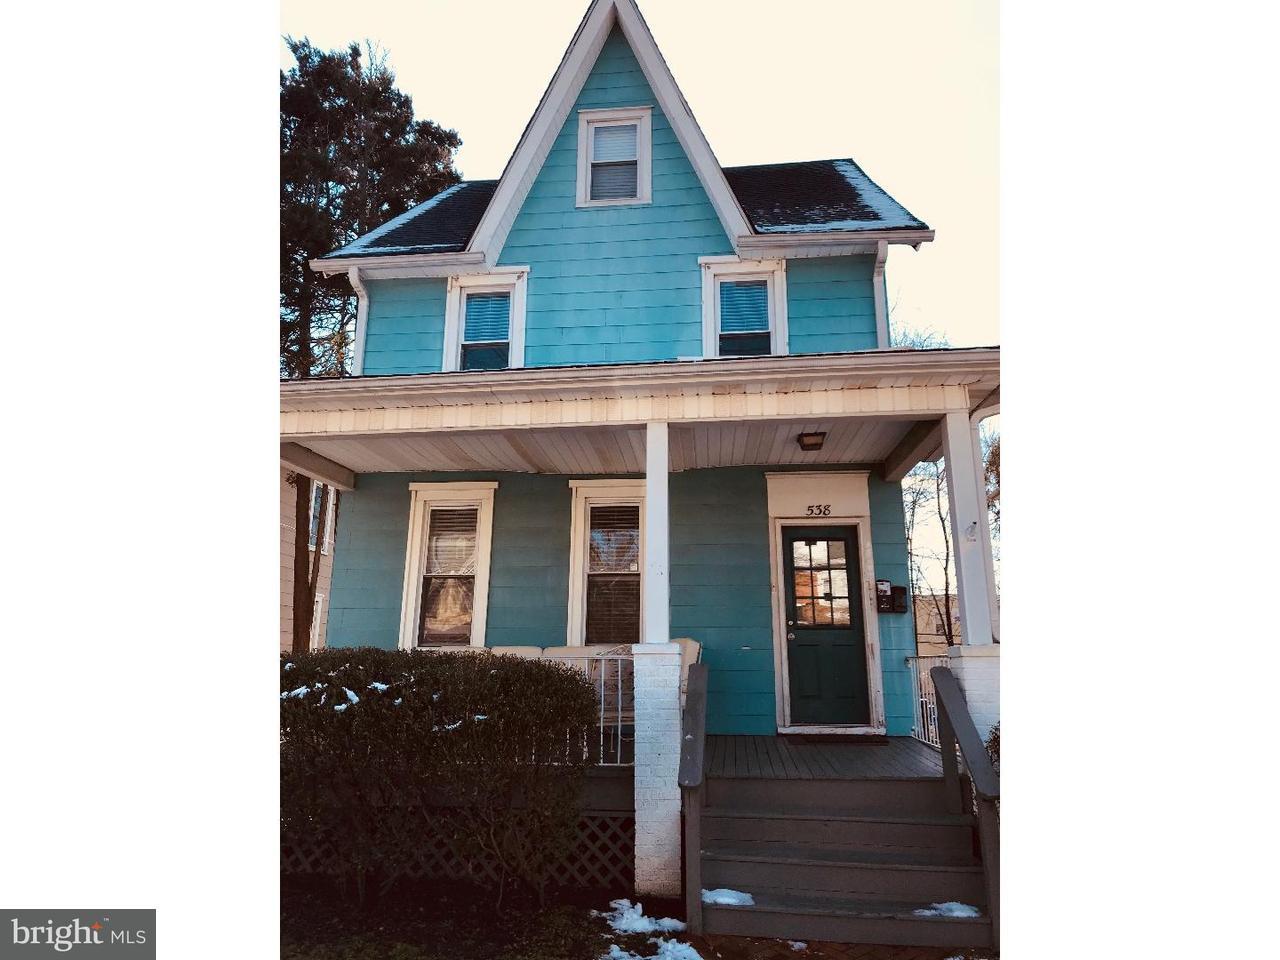 Casa Unifamiliar por un Alquiler en 538 HADDON Avenue Collingswood, Nueva Jersey 08108 Estados Unidos